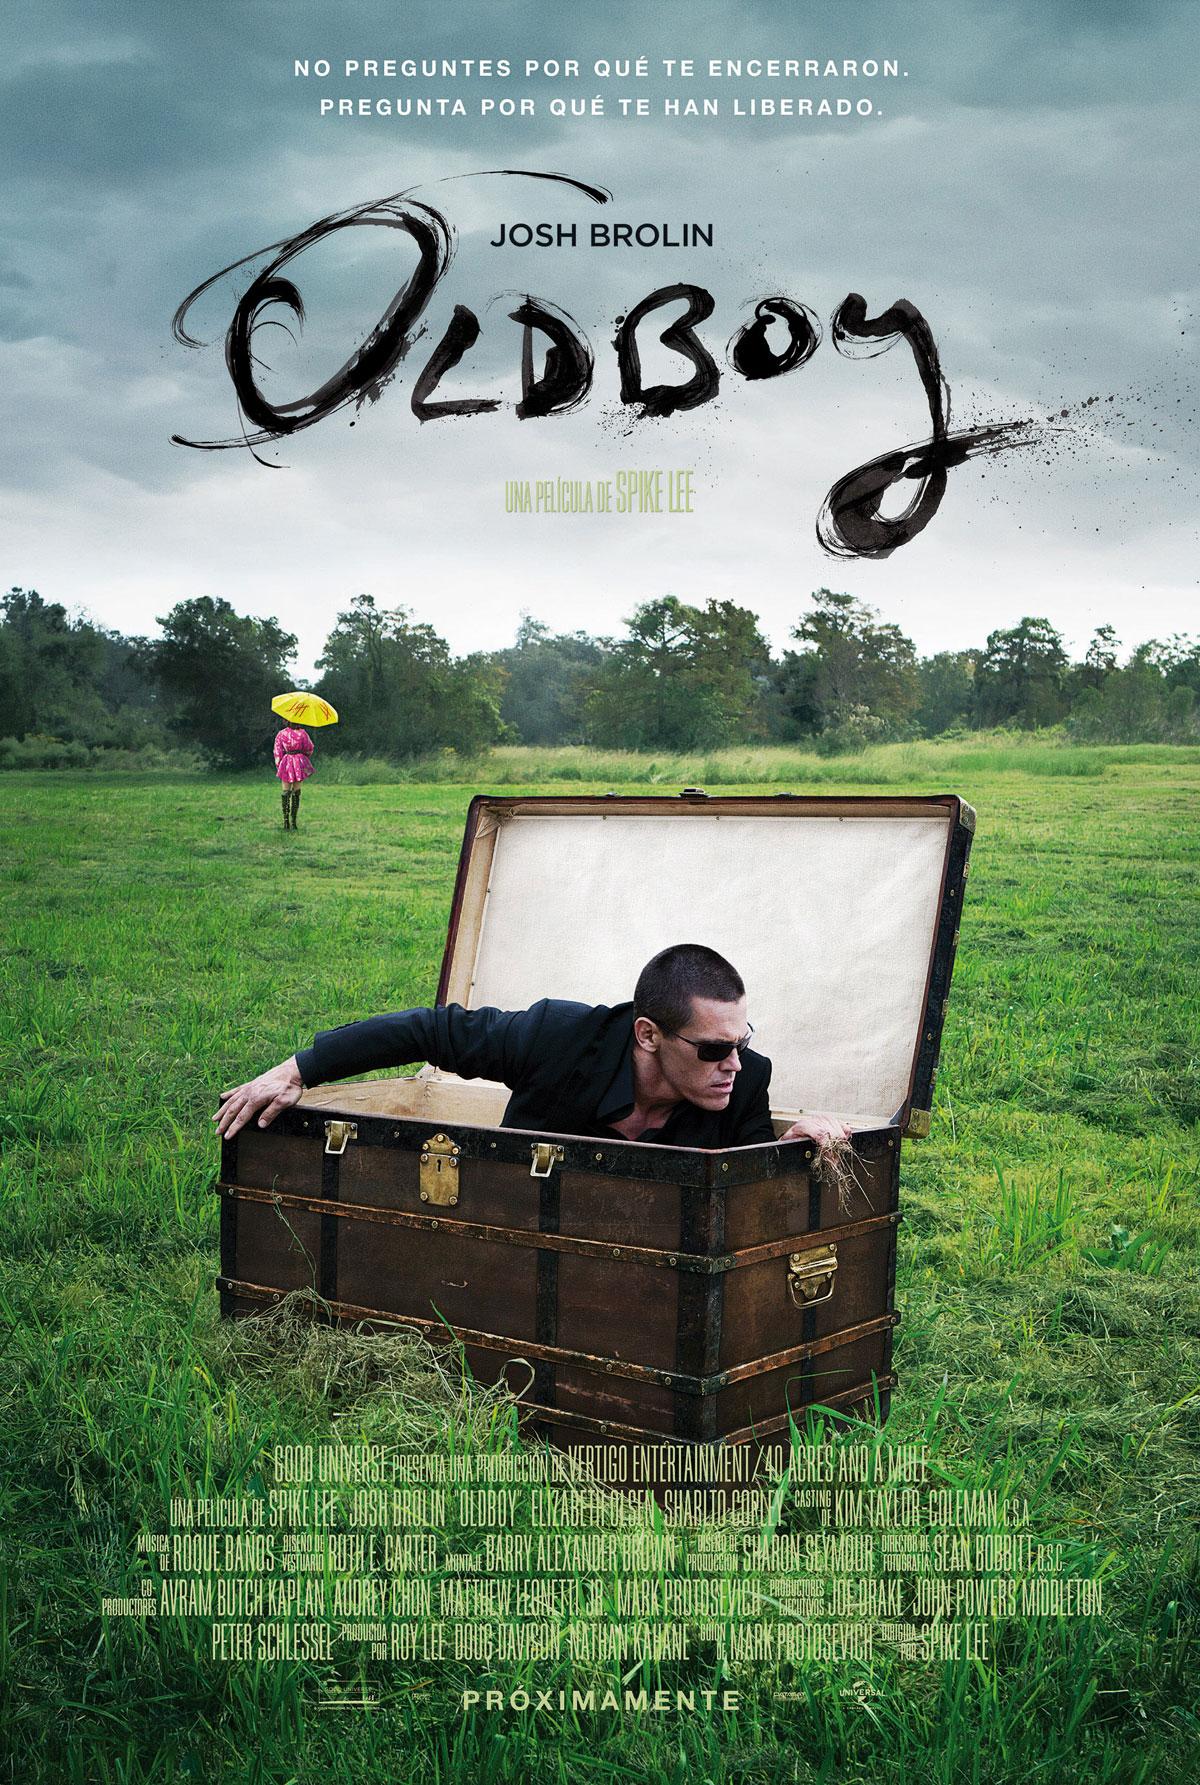 دانلود فیلم جنایت خاموش Oldboy - دانلود فیلم جنایت خاموش Oldboy دوبله فارسی